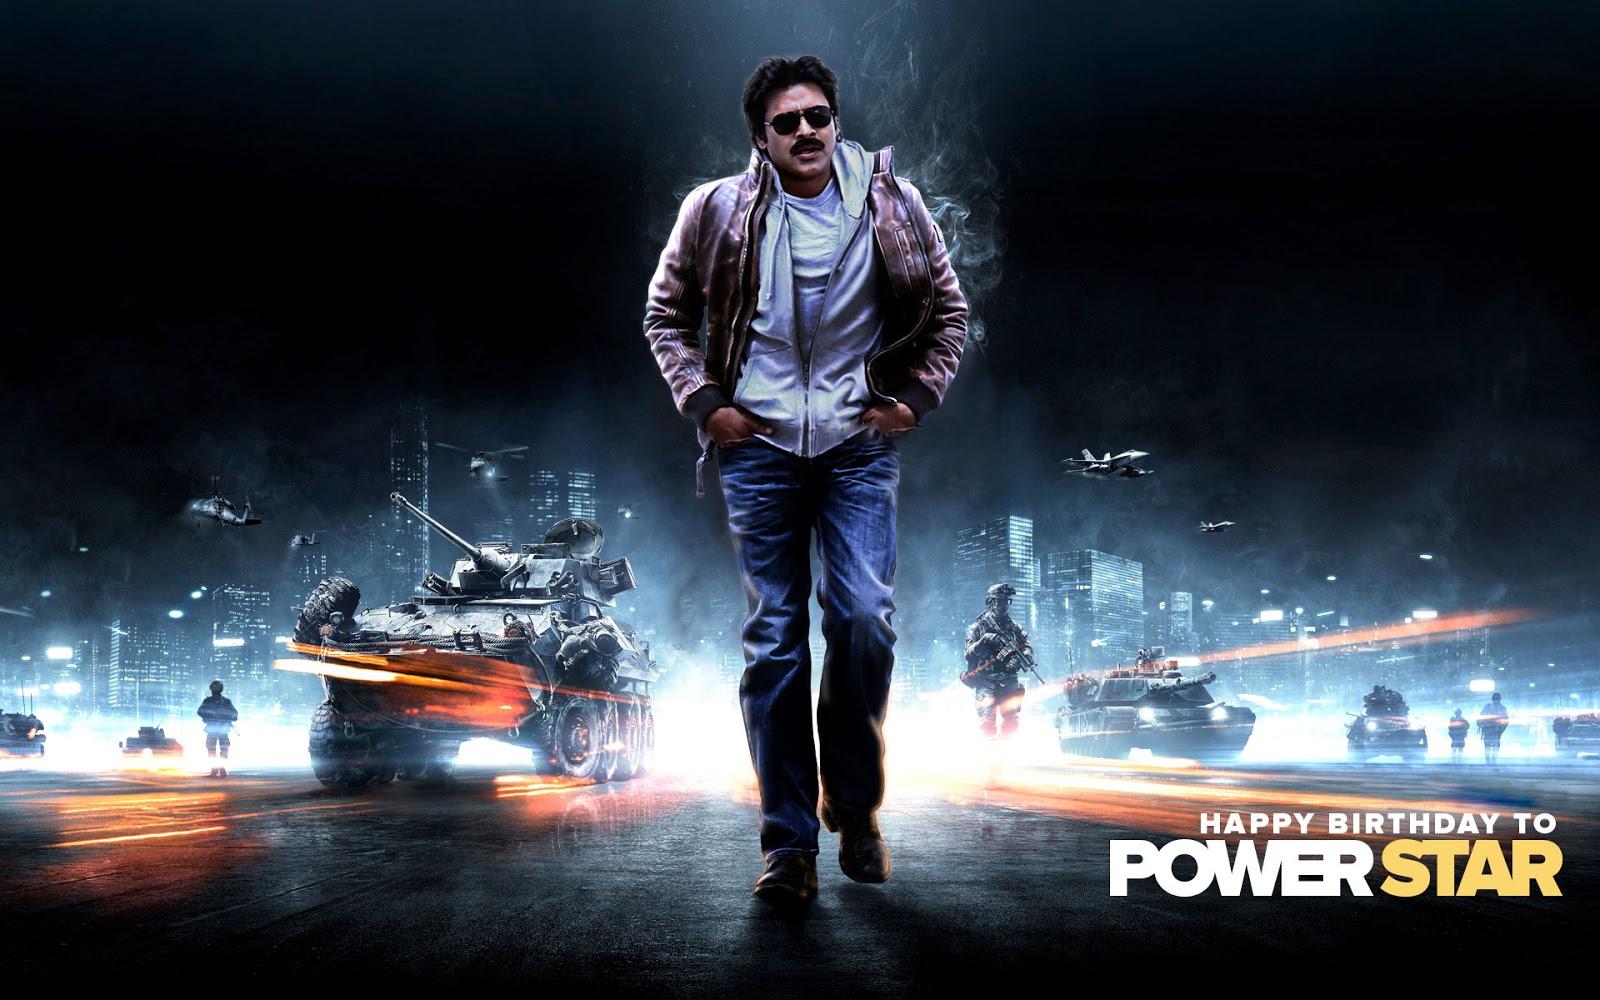 Power Star Pawan Kalyan Katamarayudu Hd Images Labzada Wallpaper